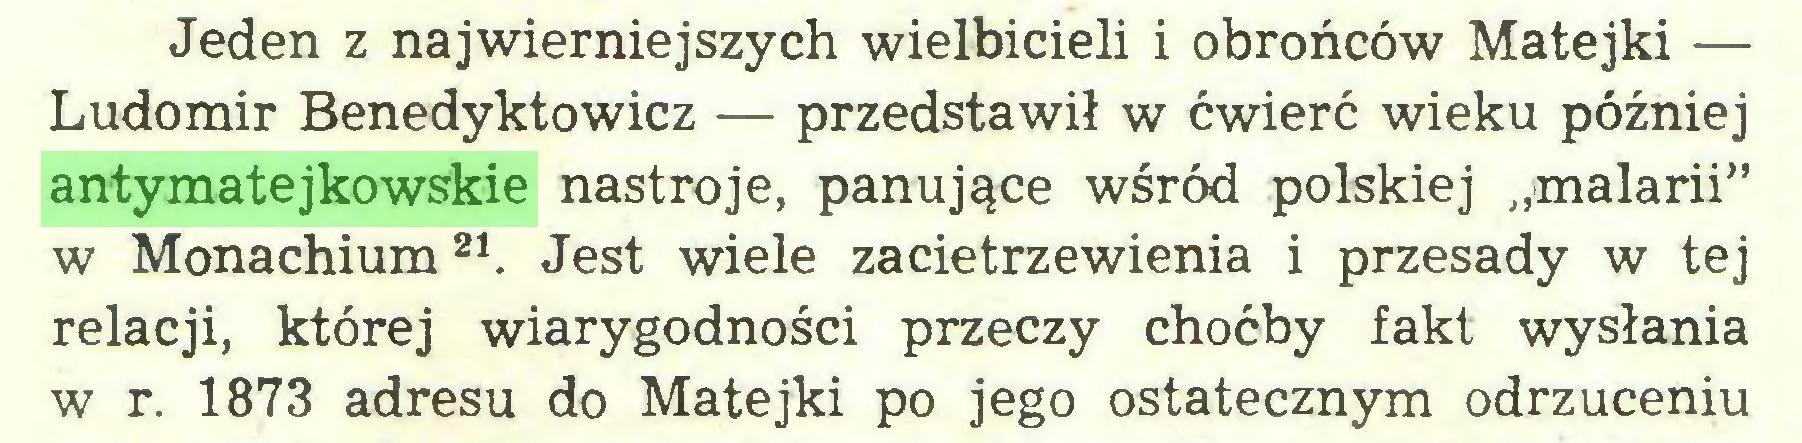 """(...) Jeden z najwierniejszych wielbicieli i obrońców Matejki — Ludomir Benedyktowicz — przedstawił w ćwierć wieku później antymatejkowskie nastroje, panujące wśród polskiej """"malarii"""" w Monachium21. Jest wiele zacietrzewienia i przesady w tej relacji, której wiarygodności przeczy choćby fakt wysłania w r. 1873 adresu do Matejki po jego ostatecznym odrzuceniu..."""